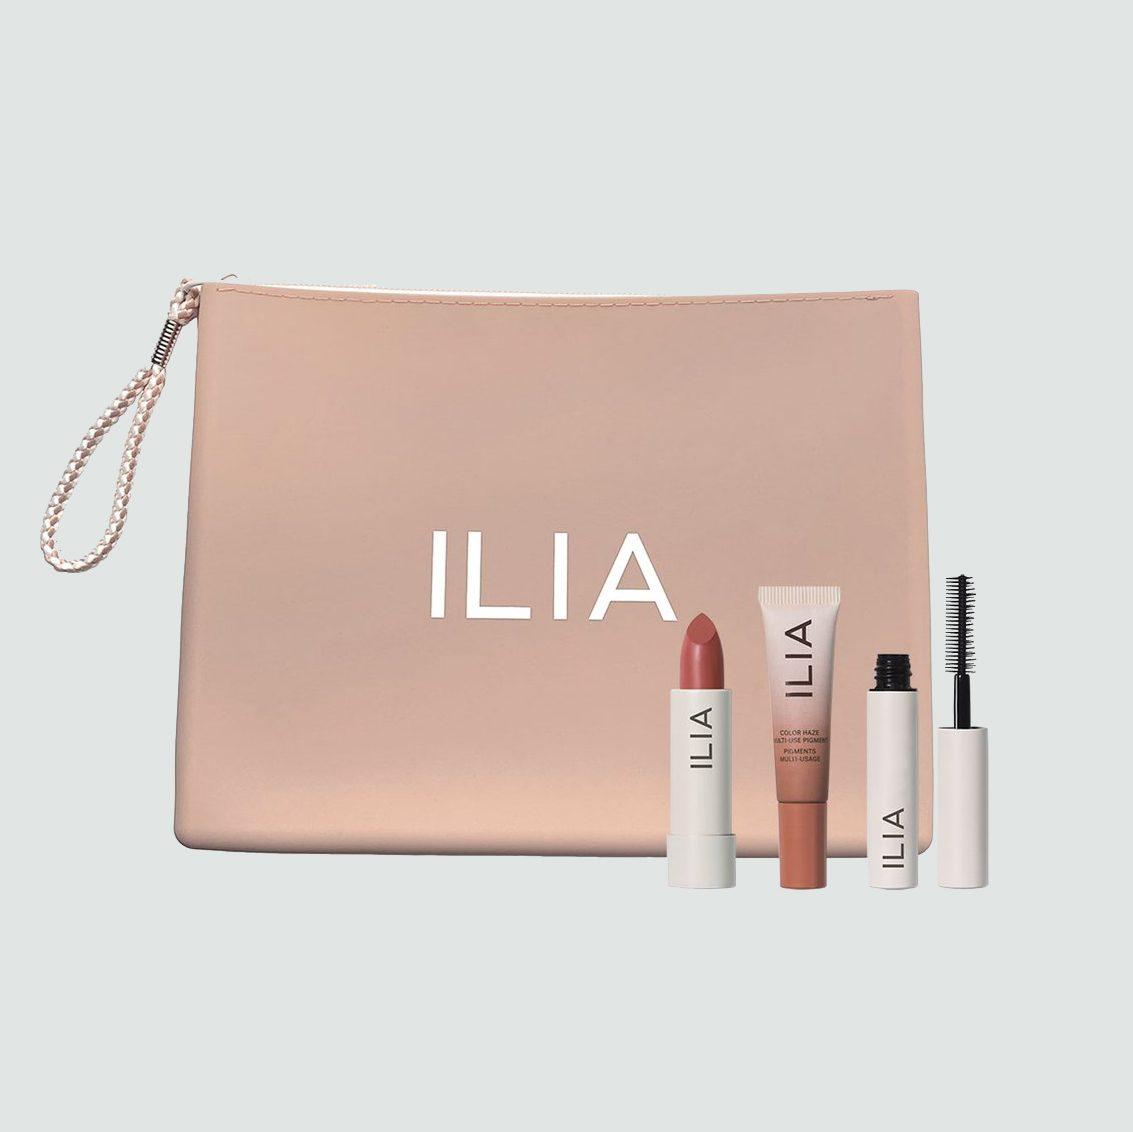 Ilia Made for Mama Set